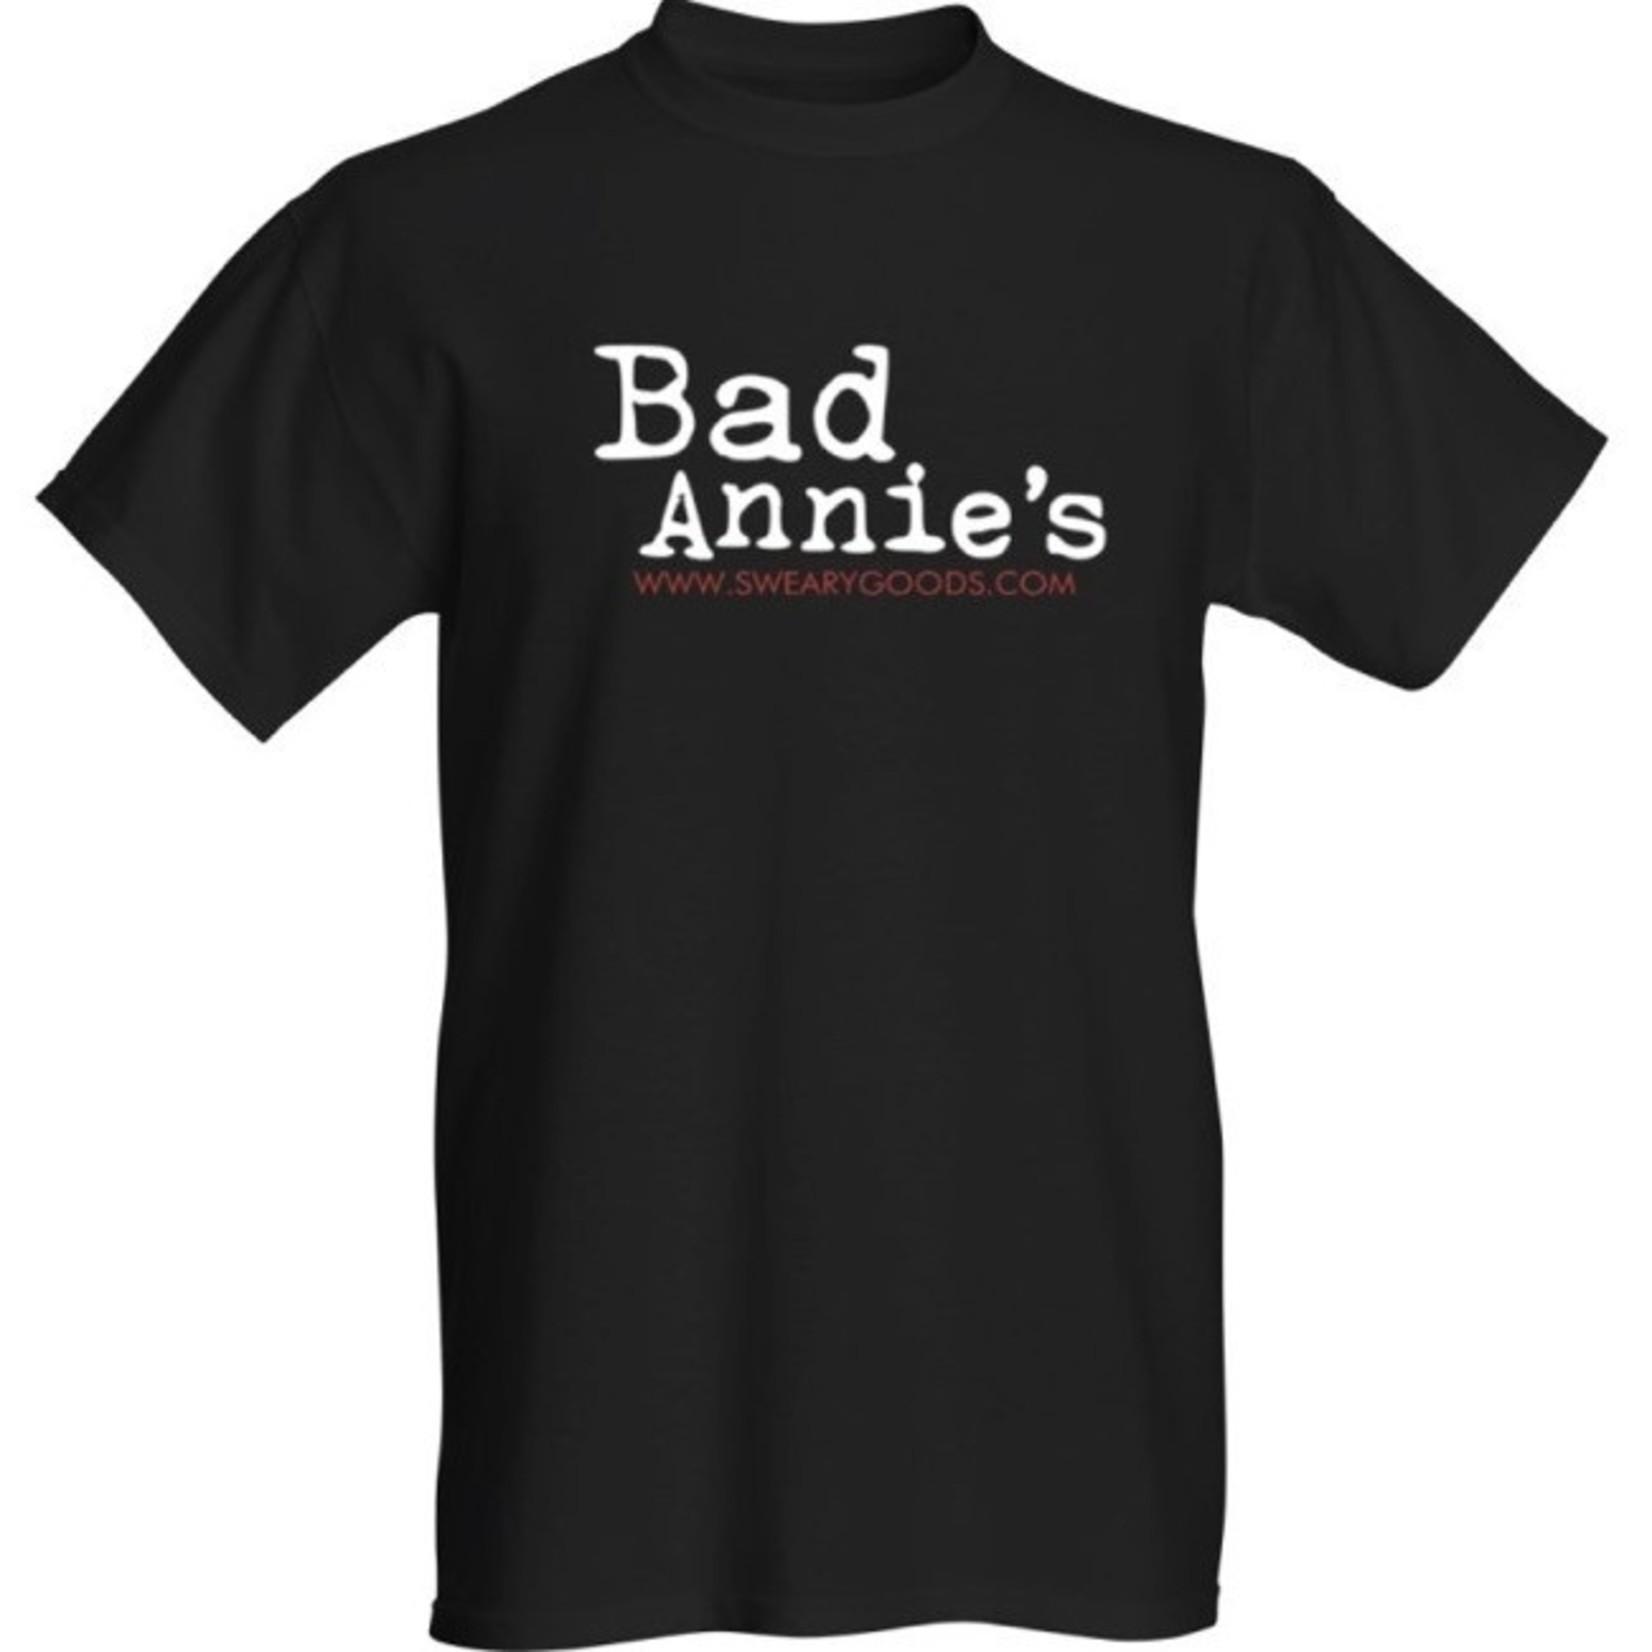 Bad Annie's T-Shirt - Bad Annies